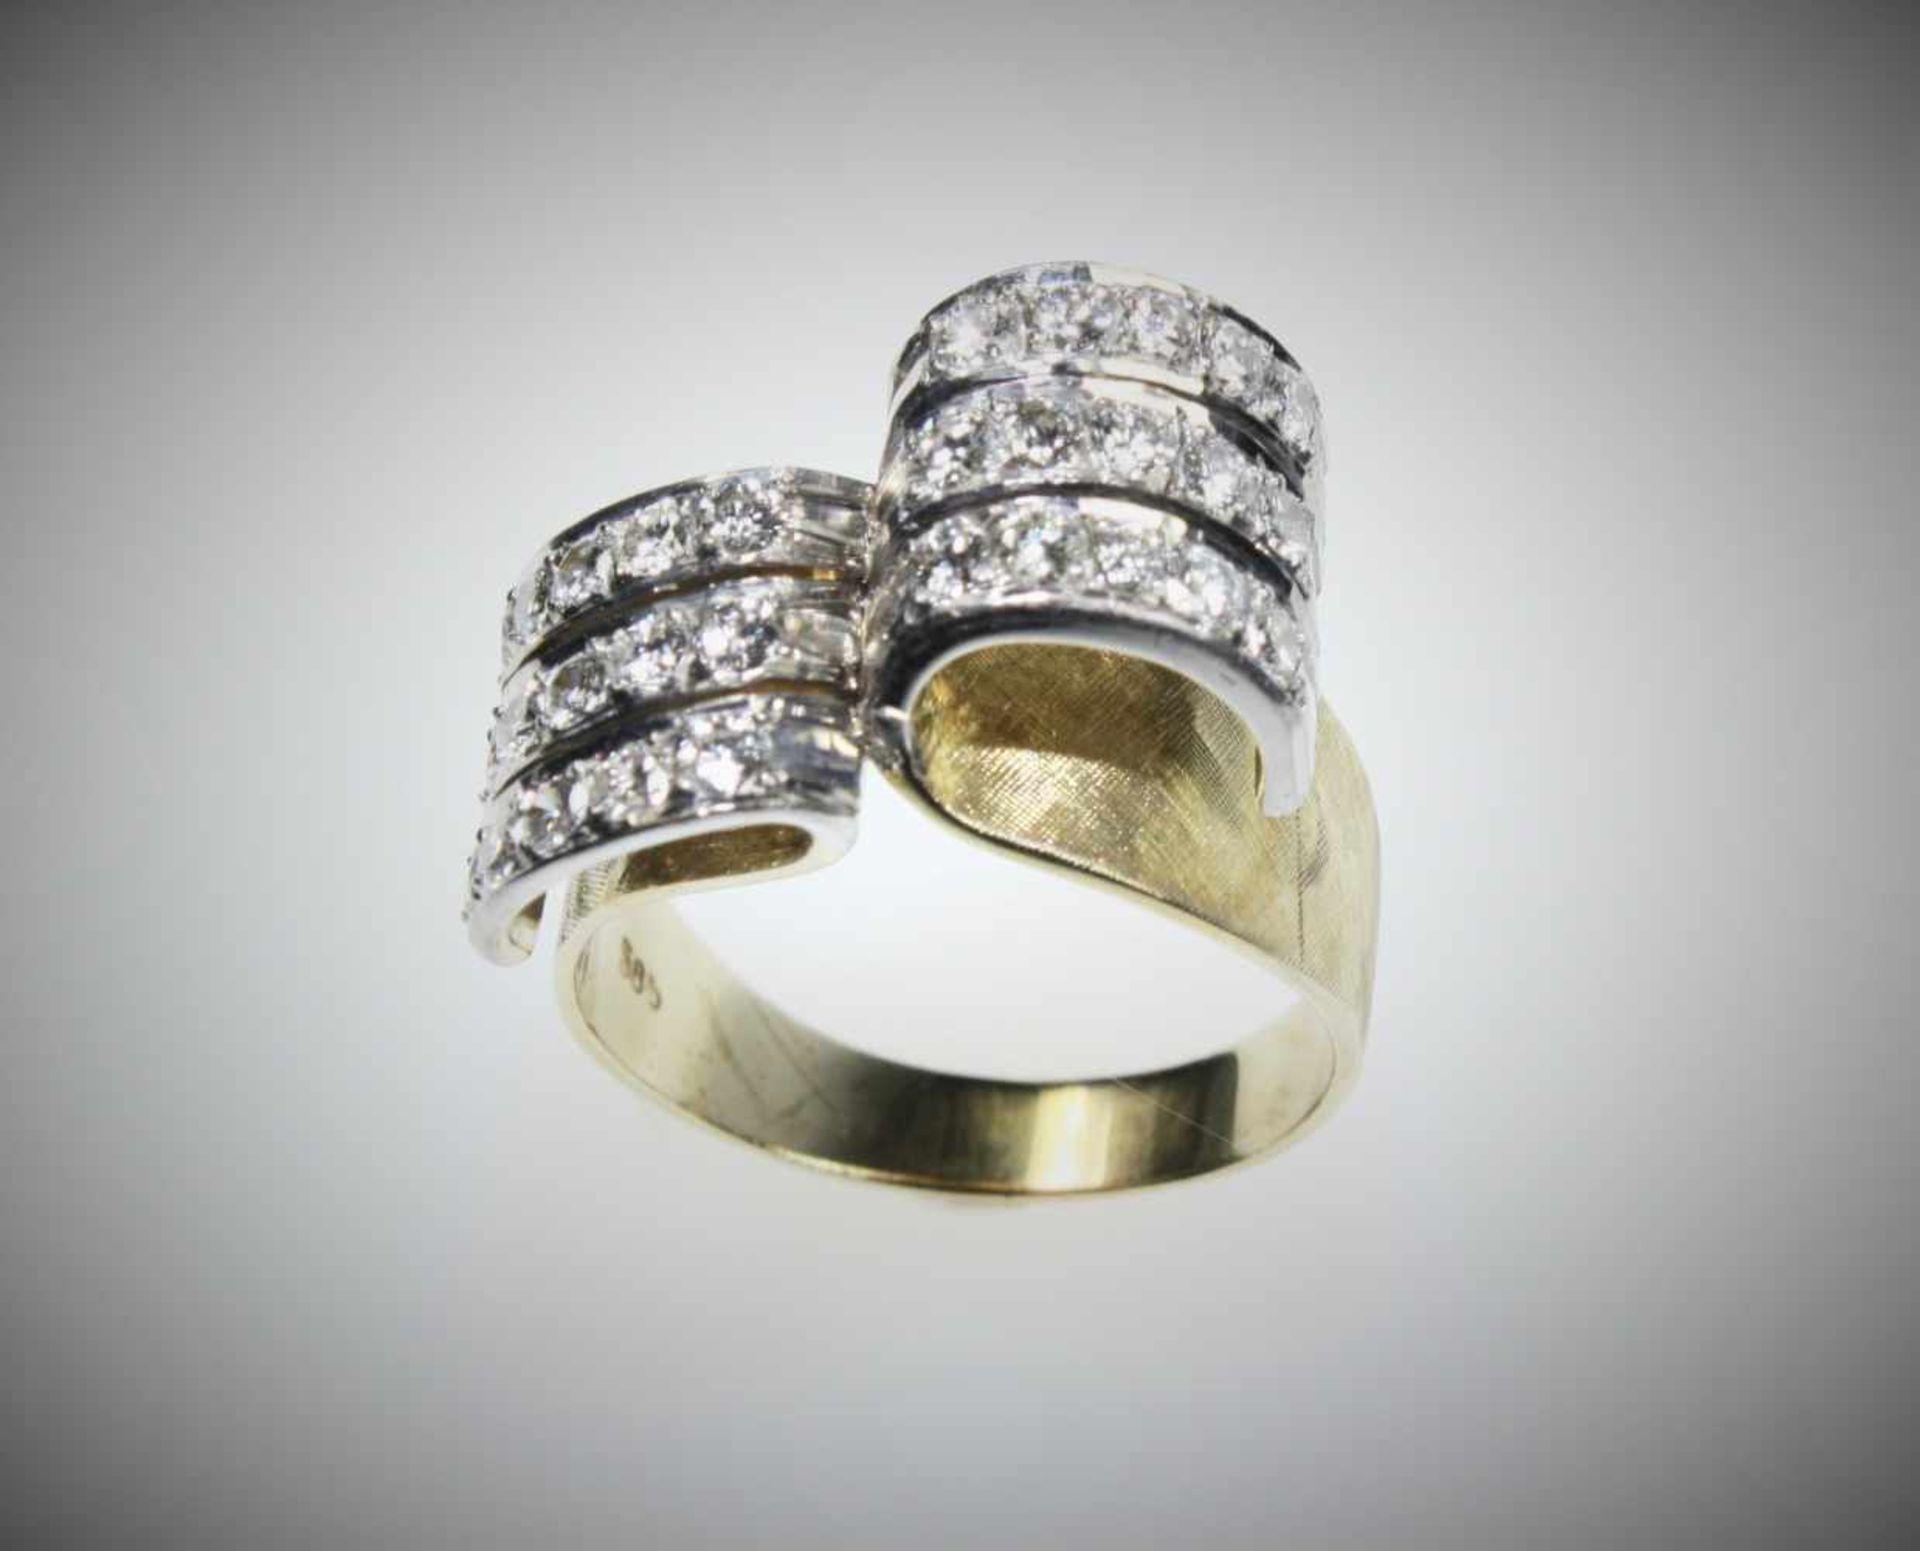 Los 27 - Ausgefallener Ring in Gelb- und Weißgold 585/f gest., als Ringkopf zur Seite je drei Streifen